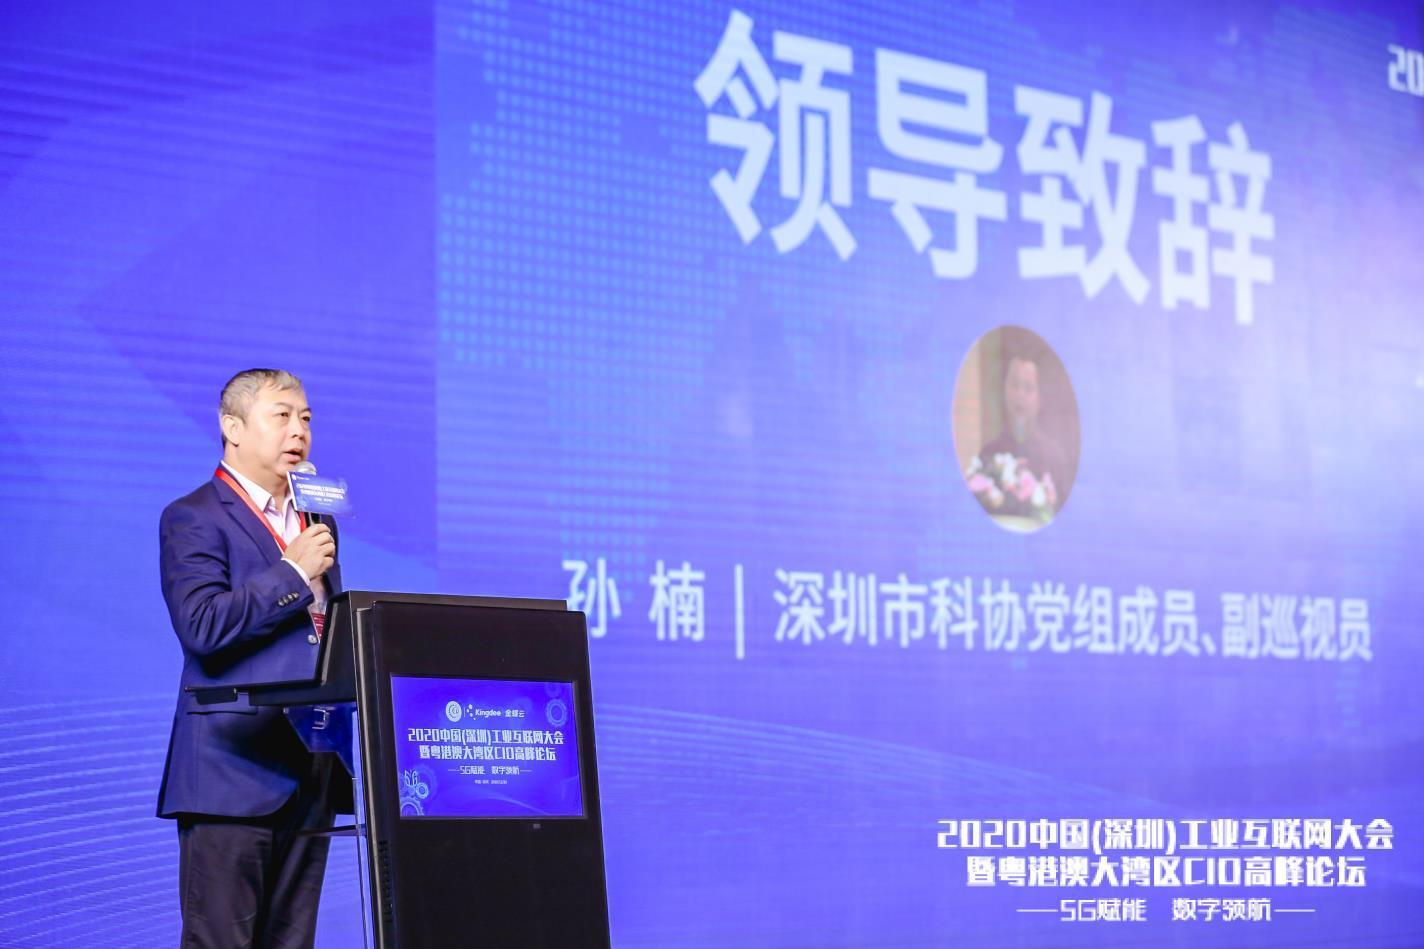 2020中国深圳工业互联网大会暨粤港澳大湾区CIO高峰论坛